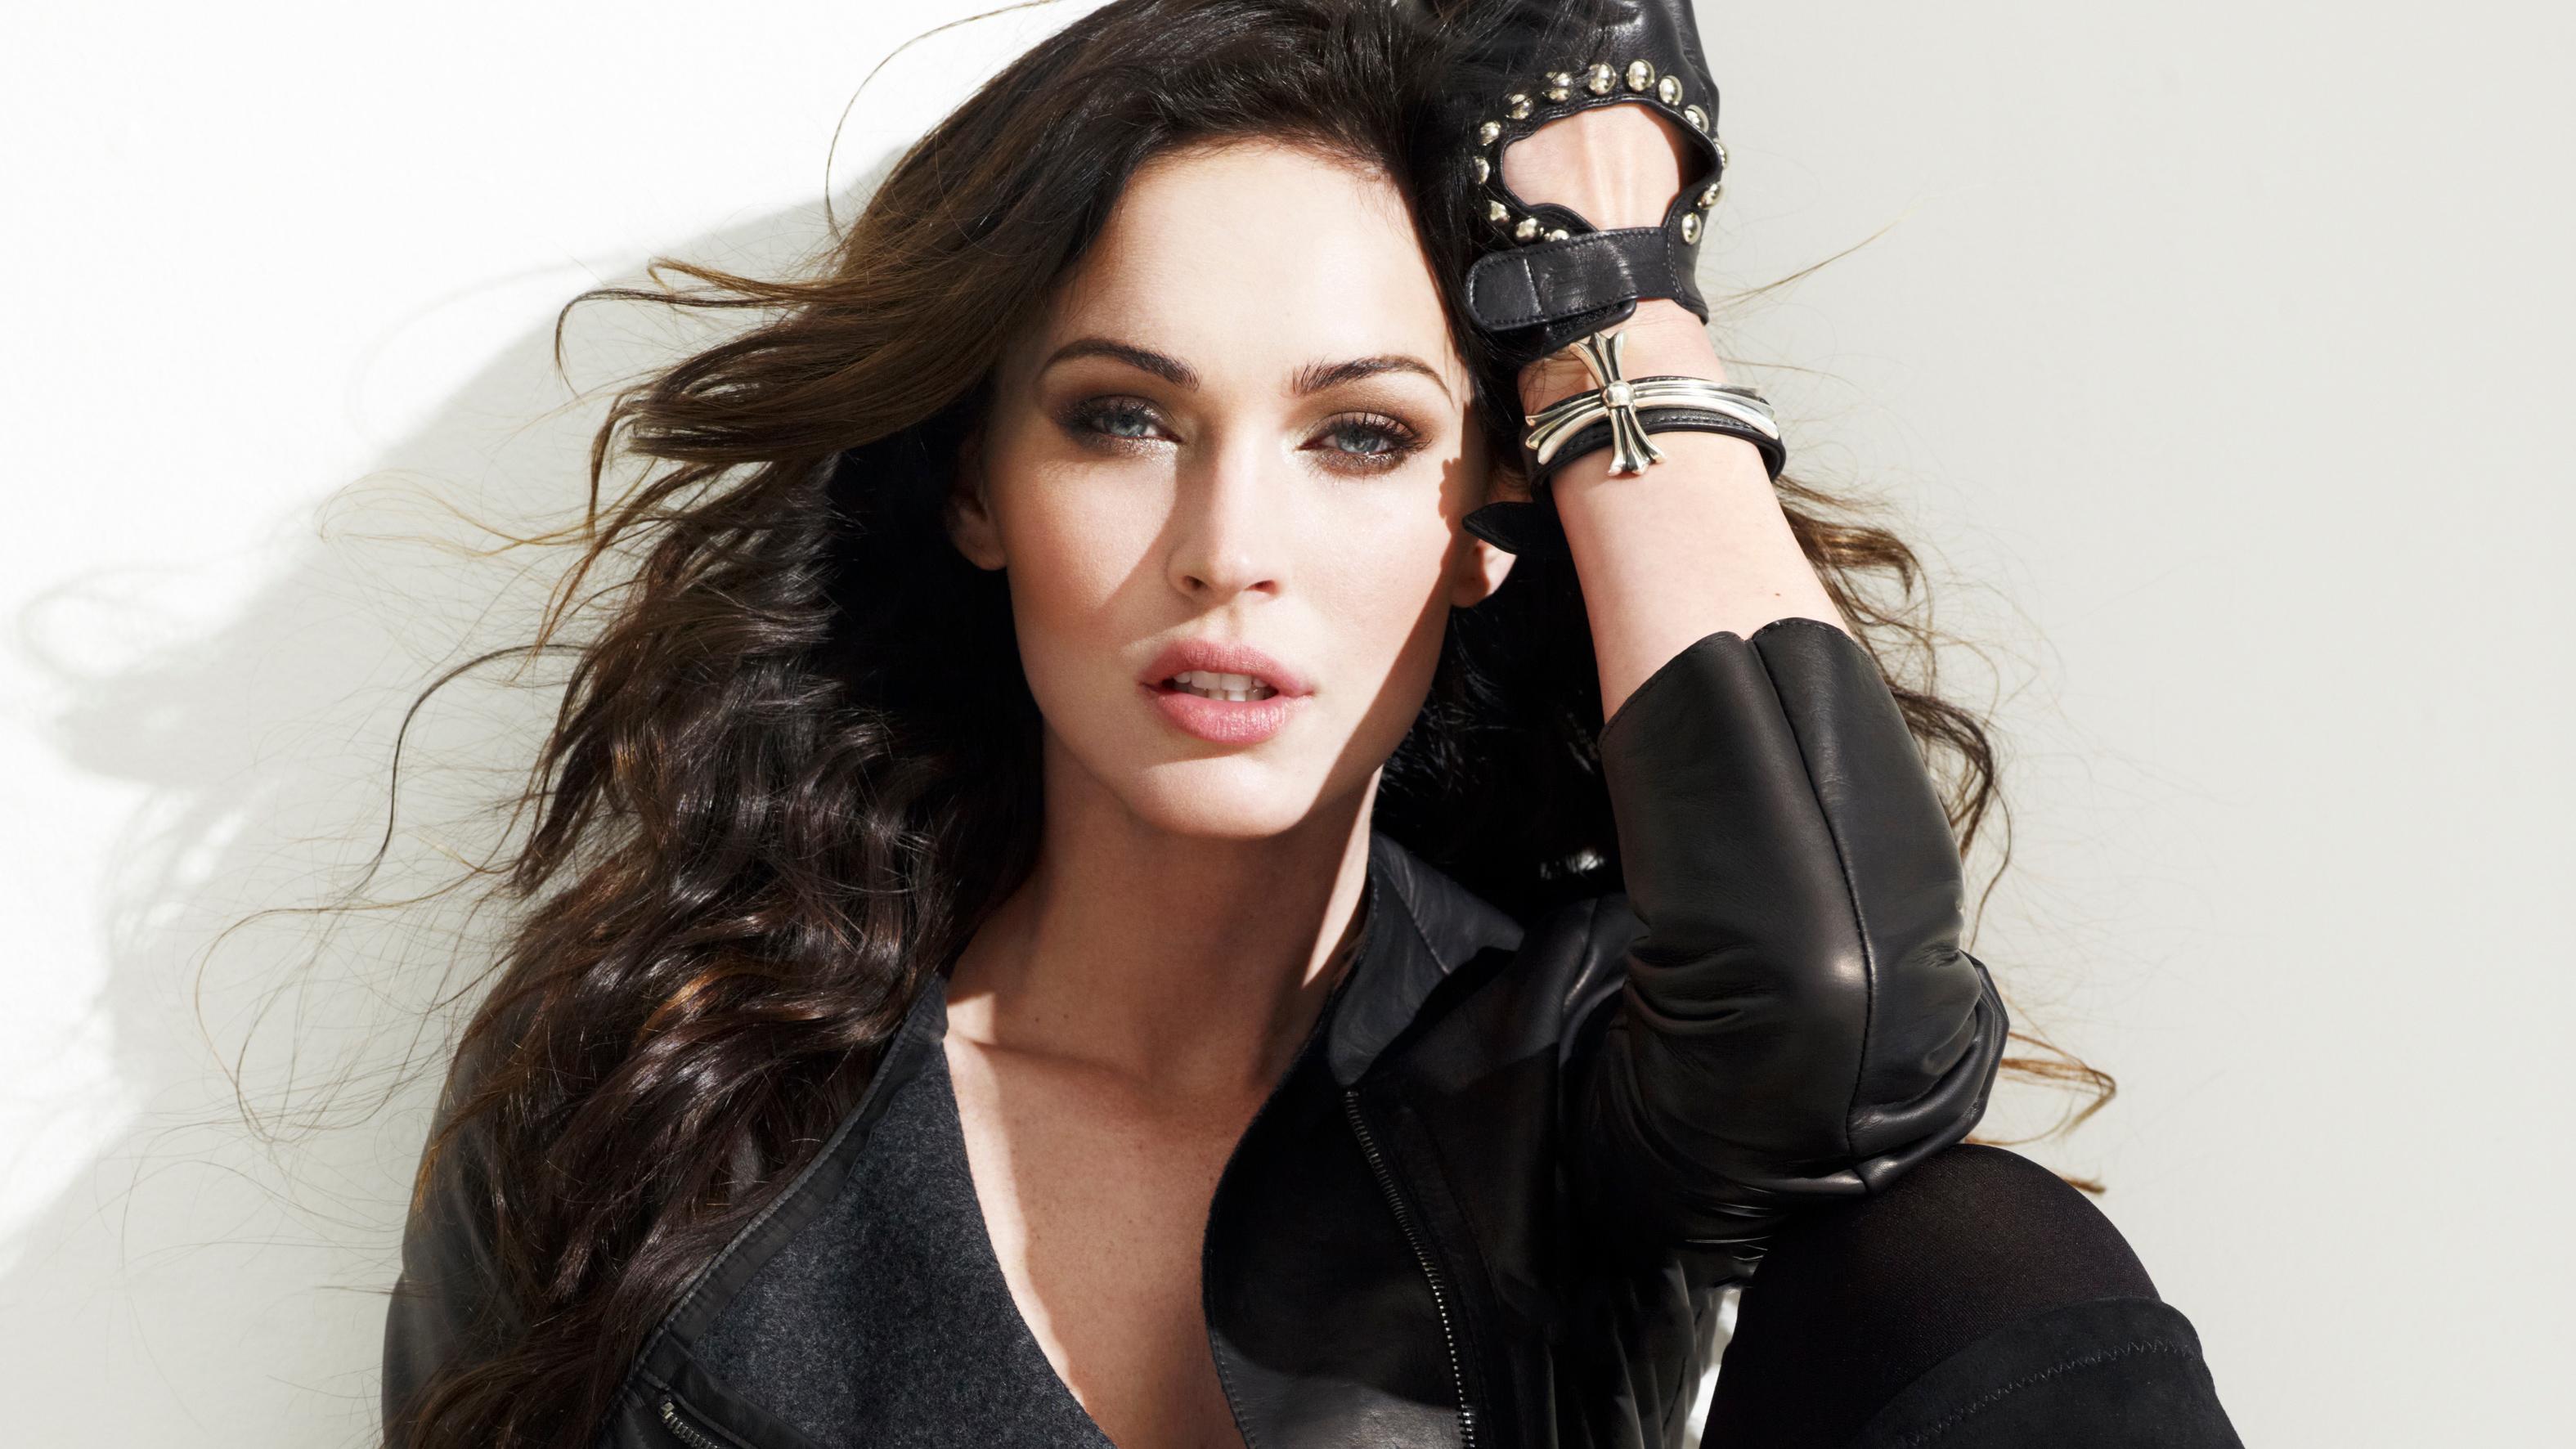 4k Megan Fox 2019, HD Celebrities, 4k Wallpapers, Images ...